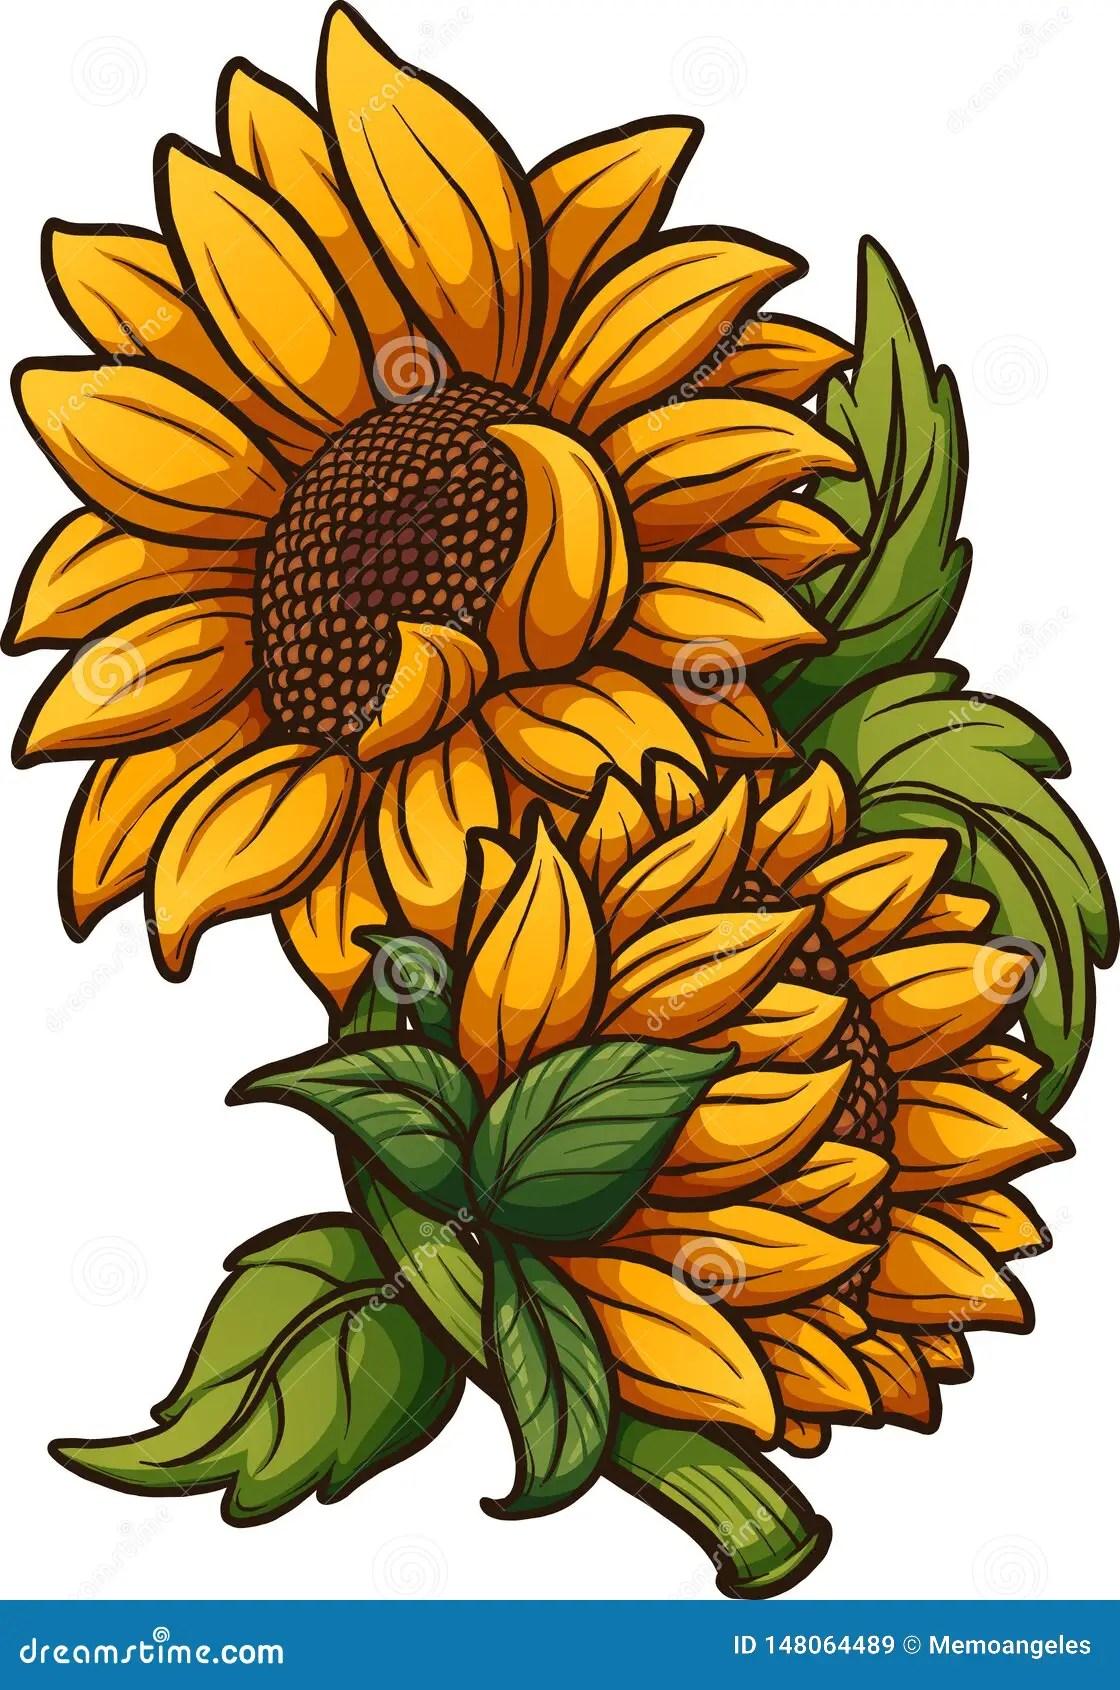 Sunflower Cartoon Drawing : sunflower, cartoon, drawing, Cartoon, Sunflower, Stock, Illustrations, 7,509, Illustrations,, Vectors, Clipart, Dreamstime